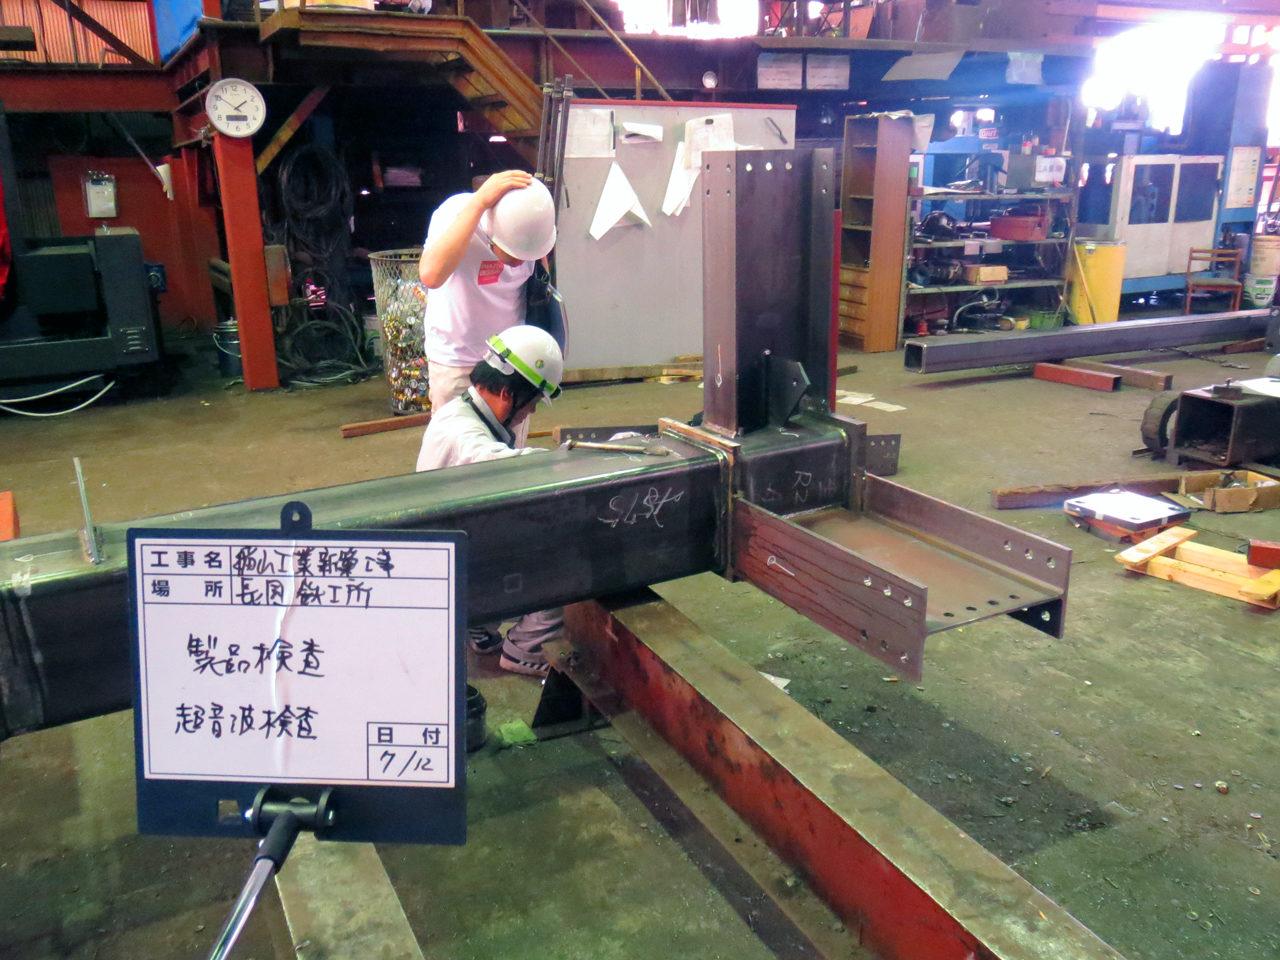 今津さつき|設計・デザインをしたI-NC旋盤・機械部品加工工場の鉄骨製品検査・鉄骨超音波探傷試験